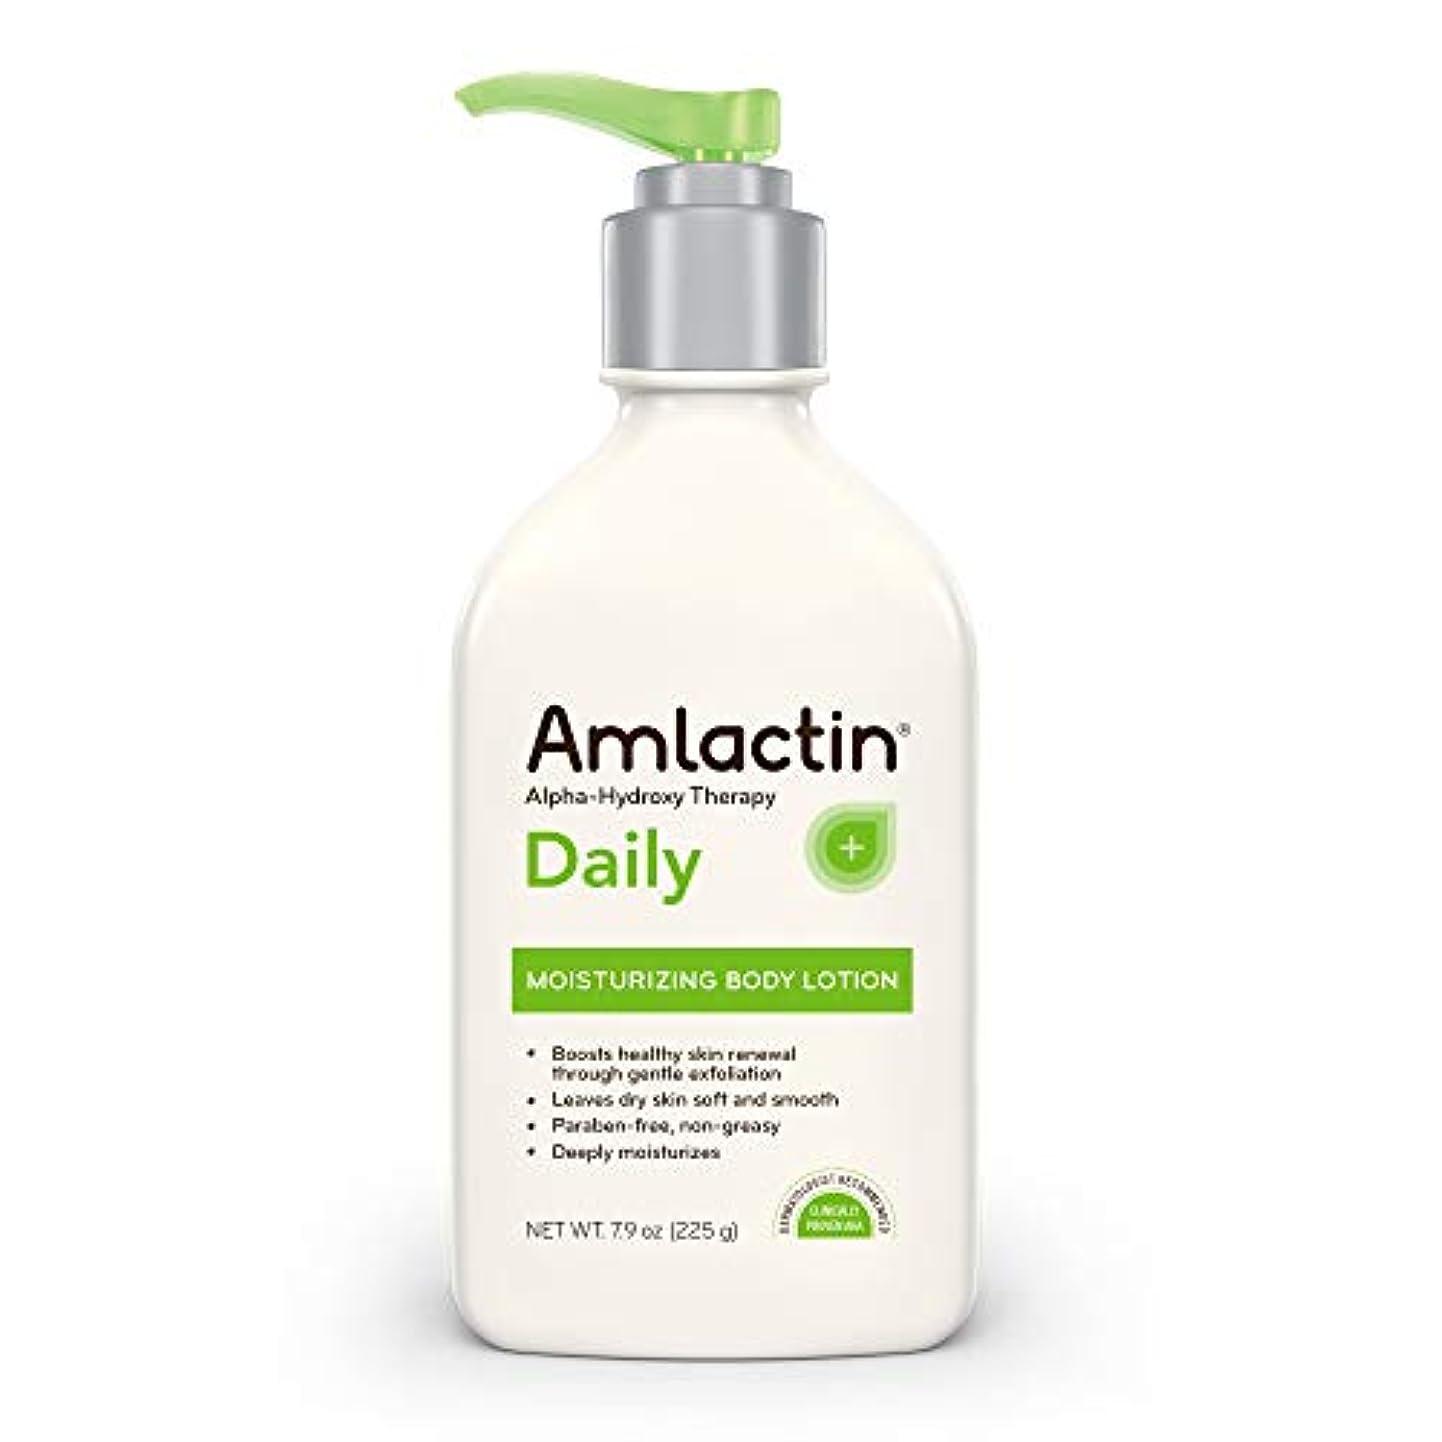 荒野添付怠AmLactin デイリーモイスチャライジング ボディローション 瞬時に水分補給 粗さを和らげる 強力なアルファヒドロキシセラピー 優しく体を拡散 粗く滑らか ドライスキン パラベンフリー 7.9オンス